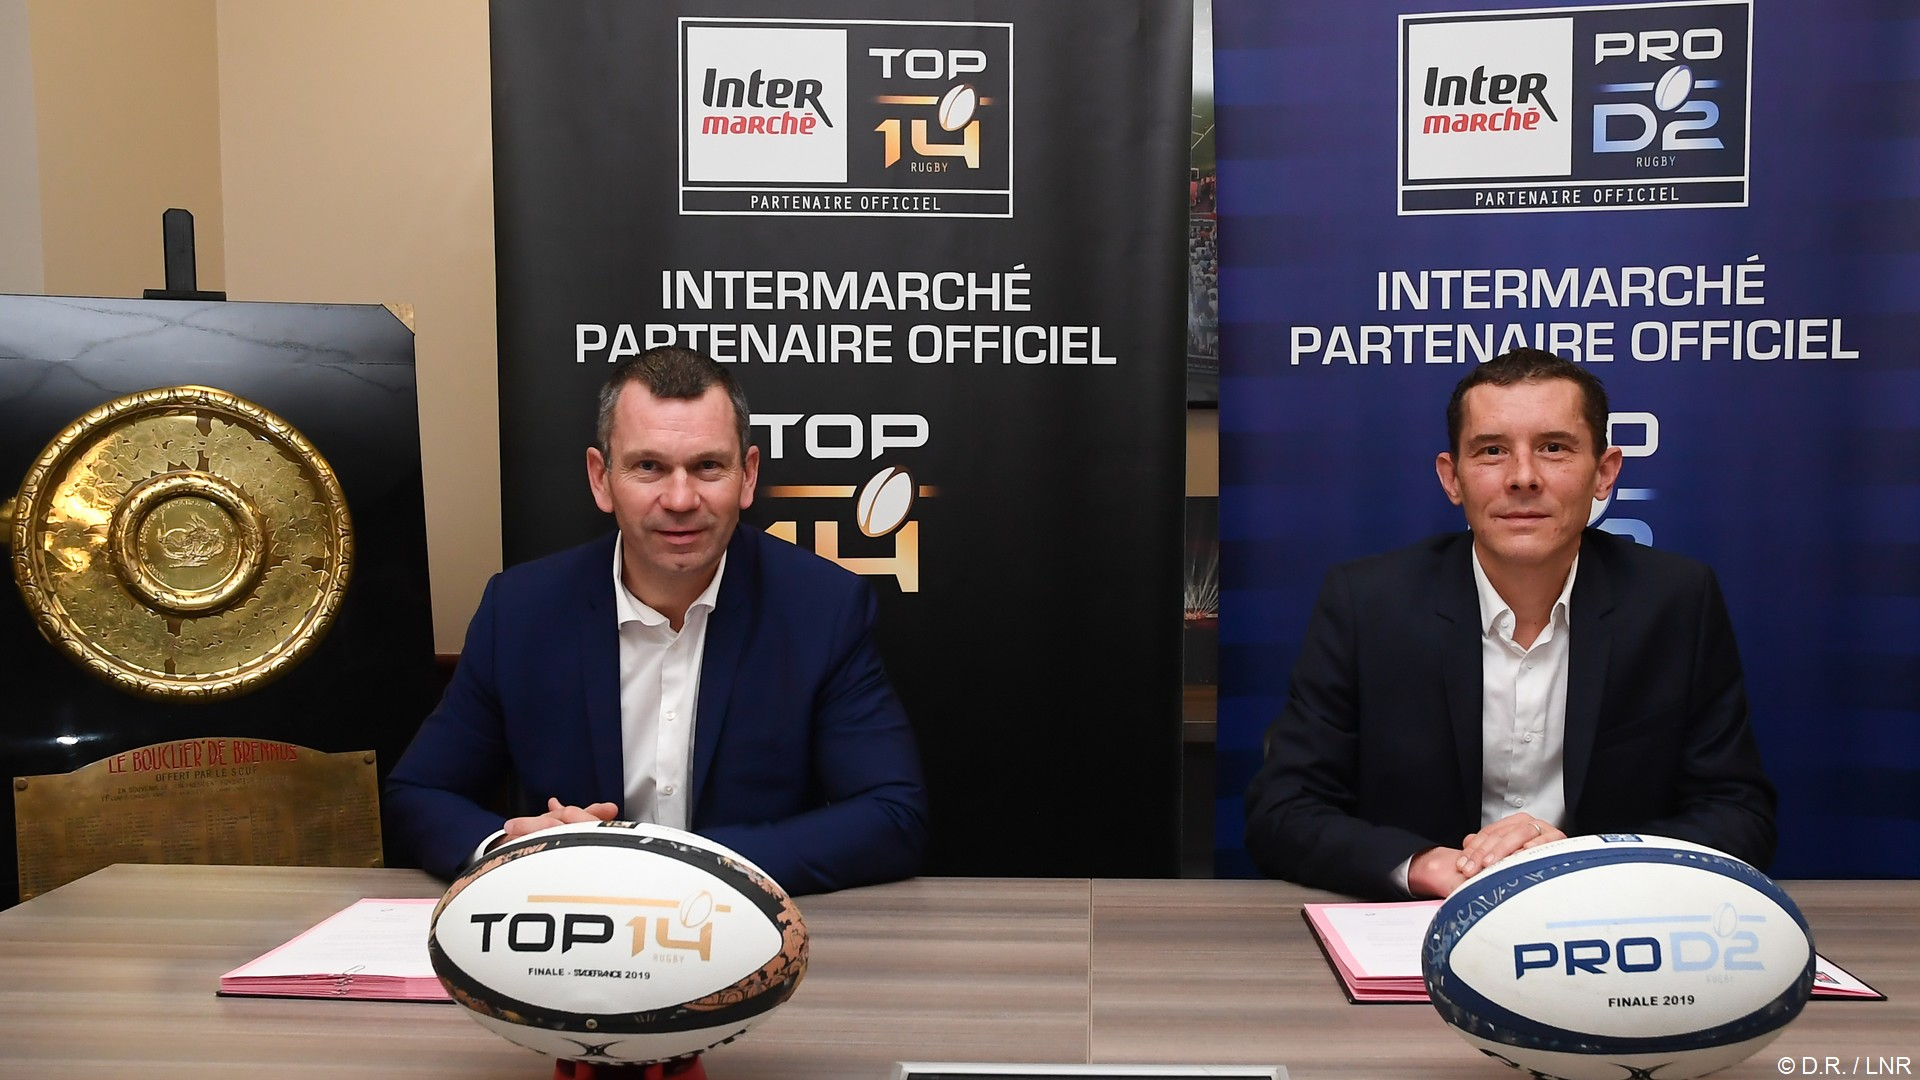 Intermarché x LNR Top 14 (rugby) 2020